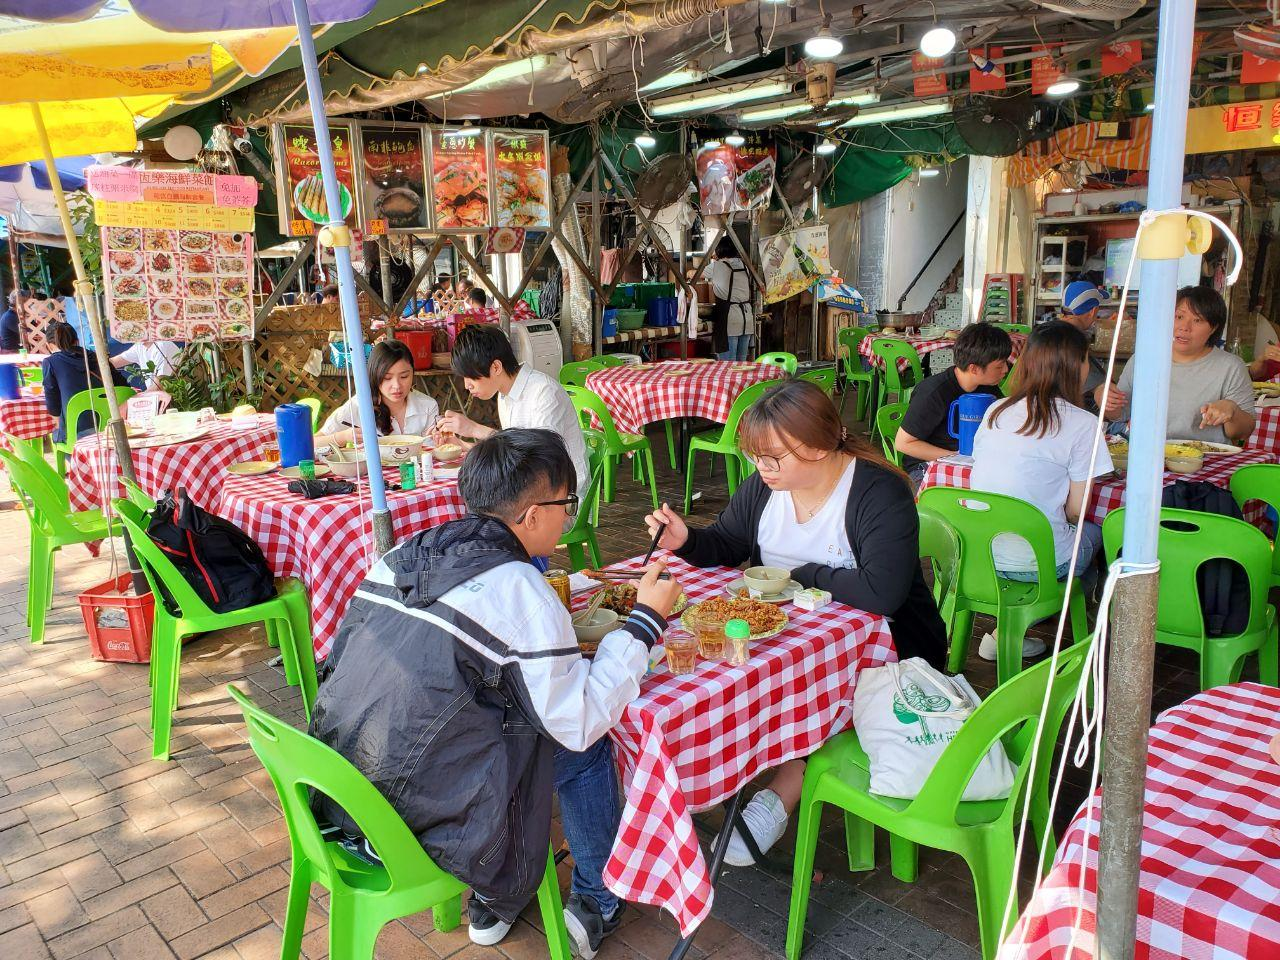 以長洲為例,今日當地天高氣爽,可見很多背著背囊的遊客,一家大小有踏單車的,也有徒步旅行的,在食肆內也可見有不少人用餐和聊天.(宋碧龍 / 大紀元)